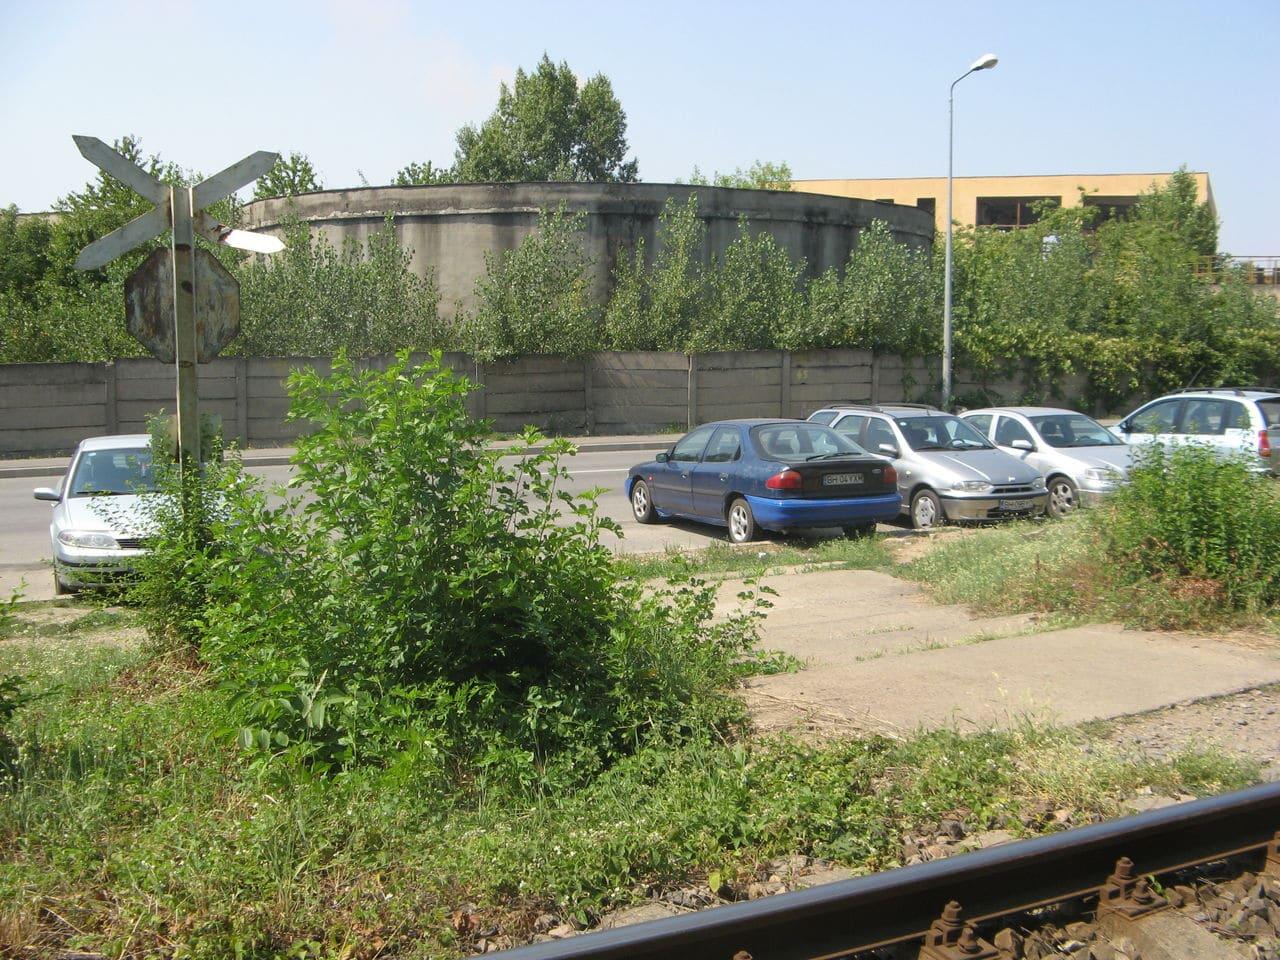 Calea ferată directă Oradea Vest - Episcopia Bihor IMG_0048